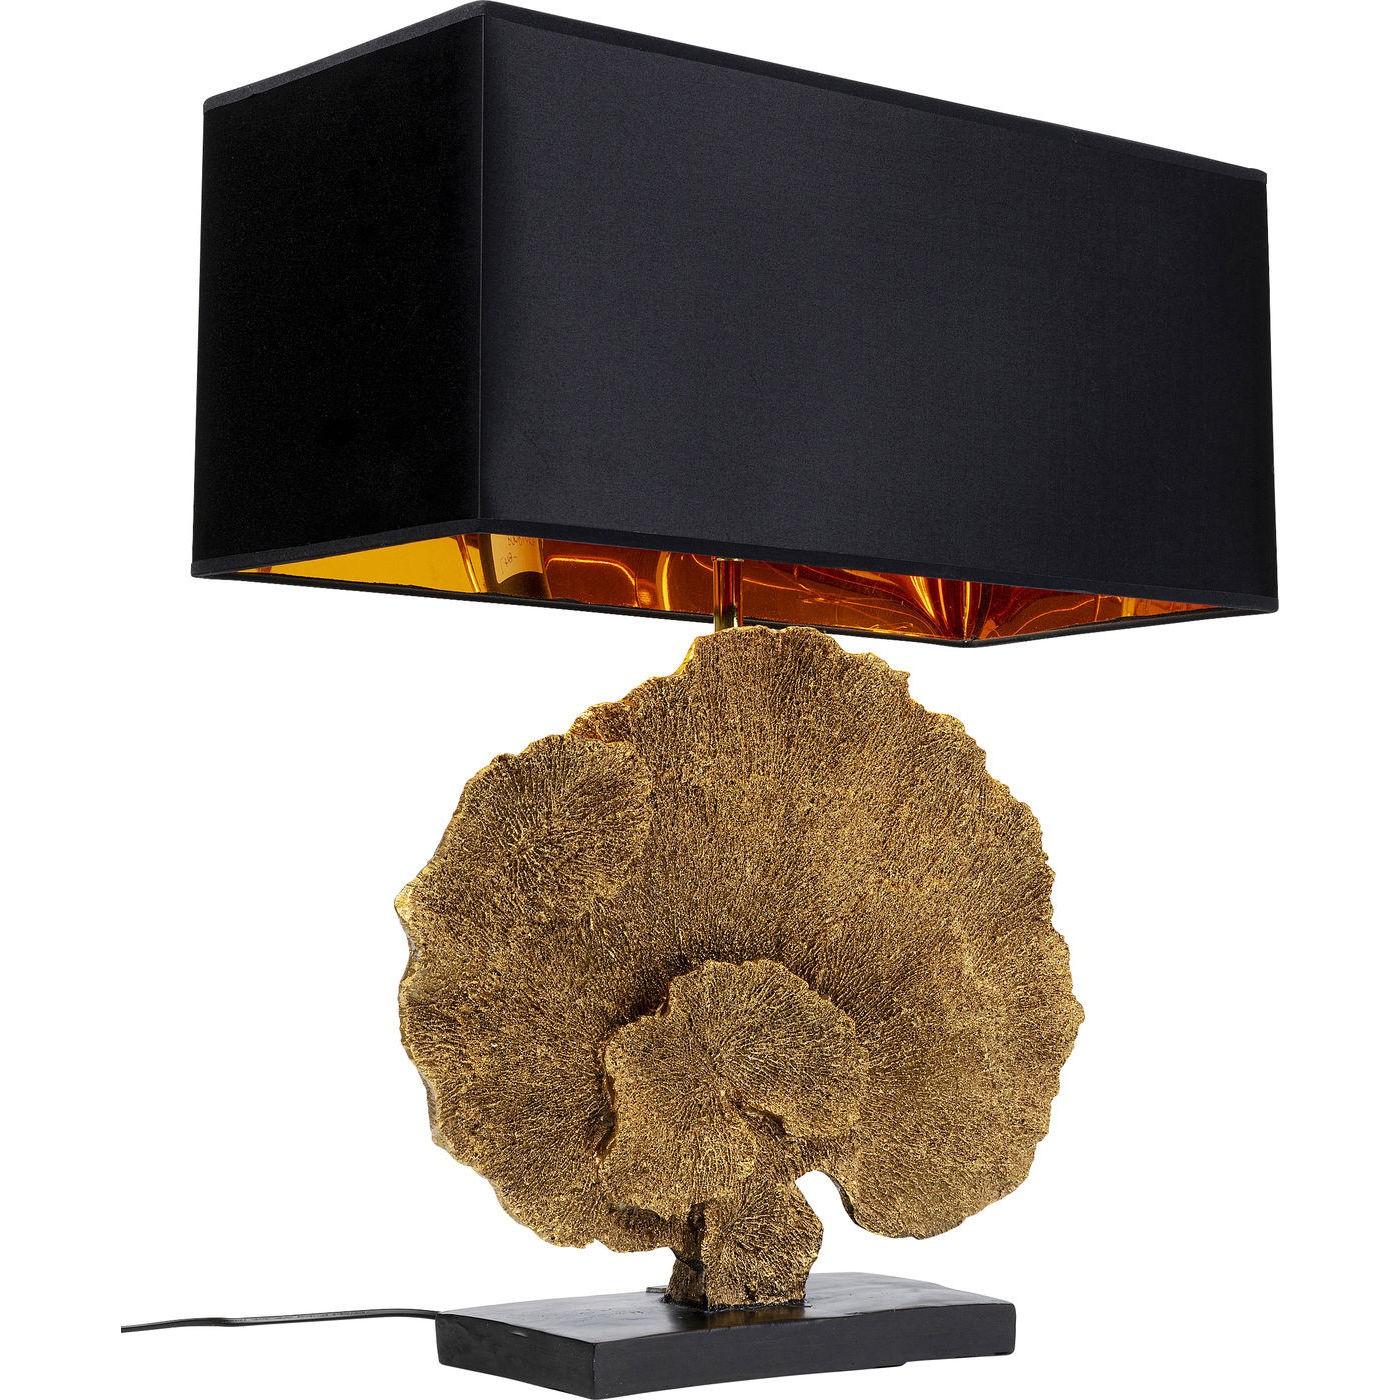 Lampe de table Corail doré Kare Design